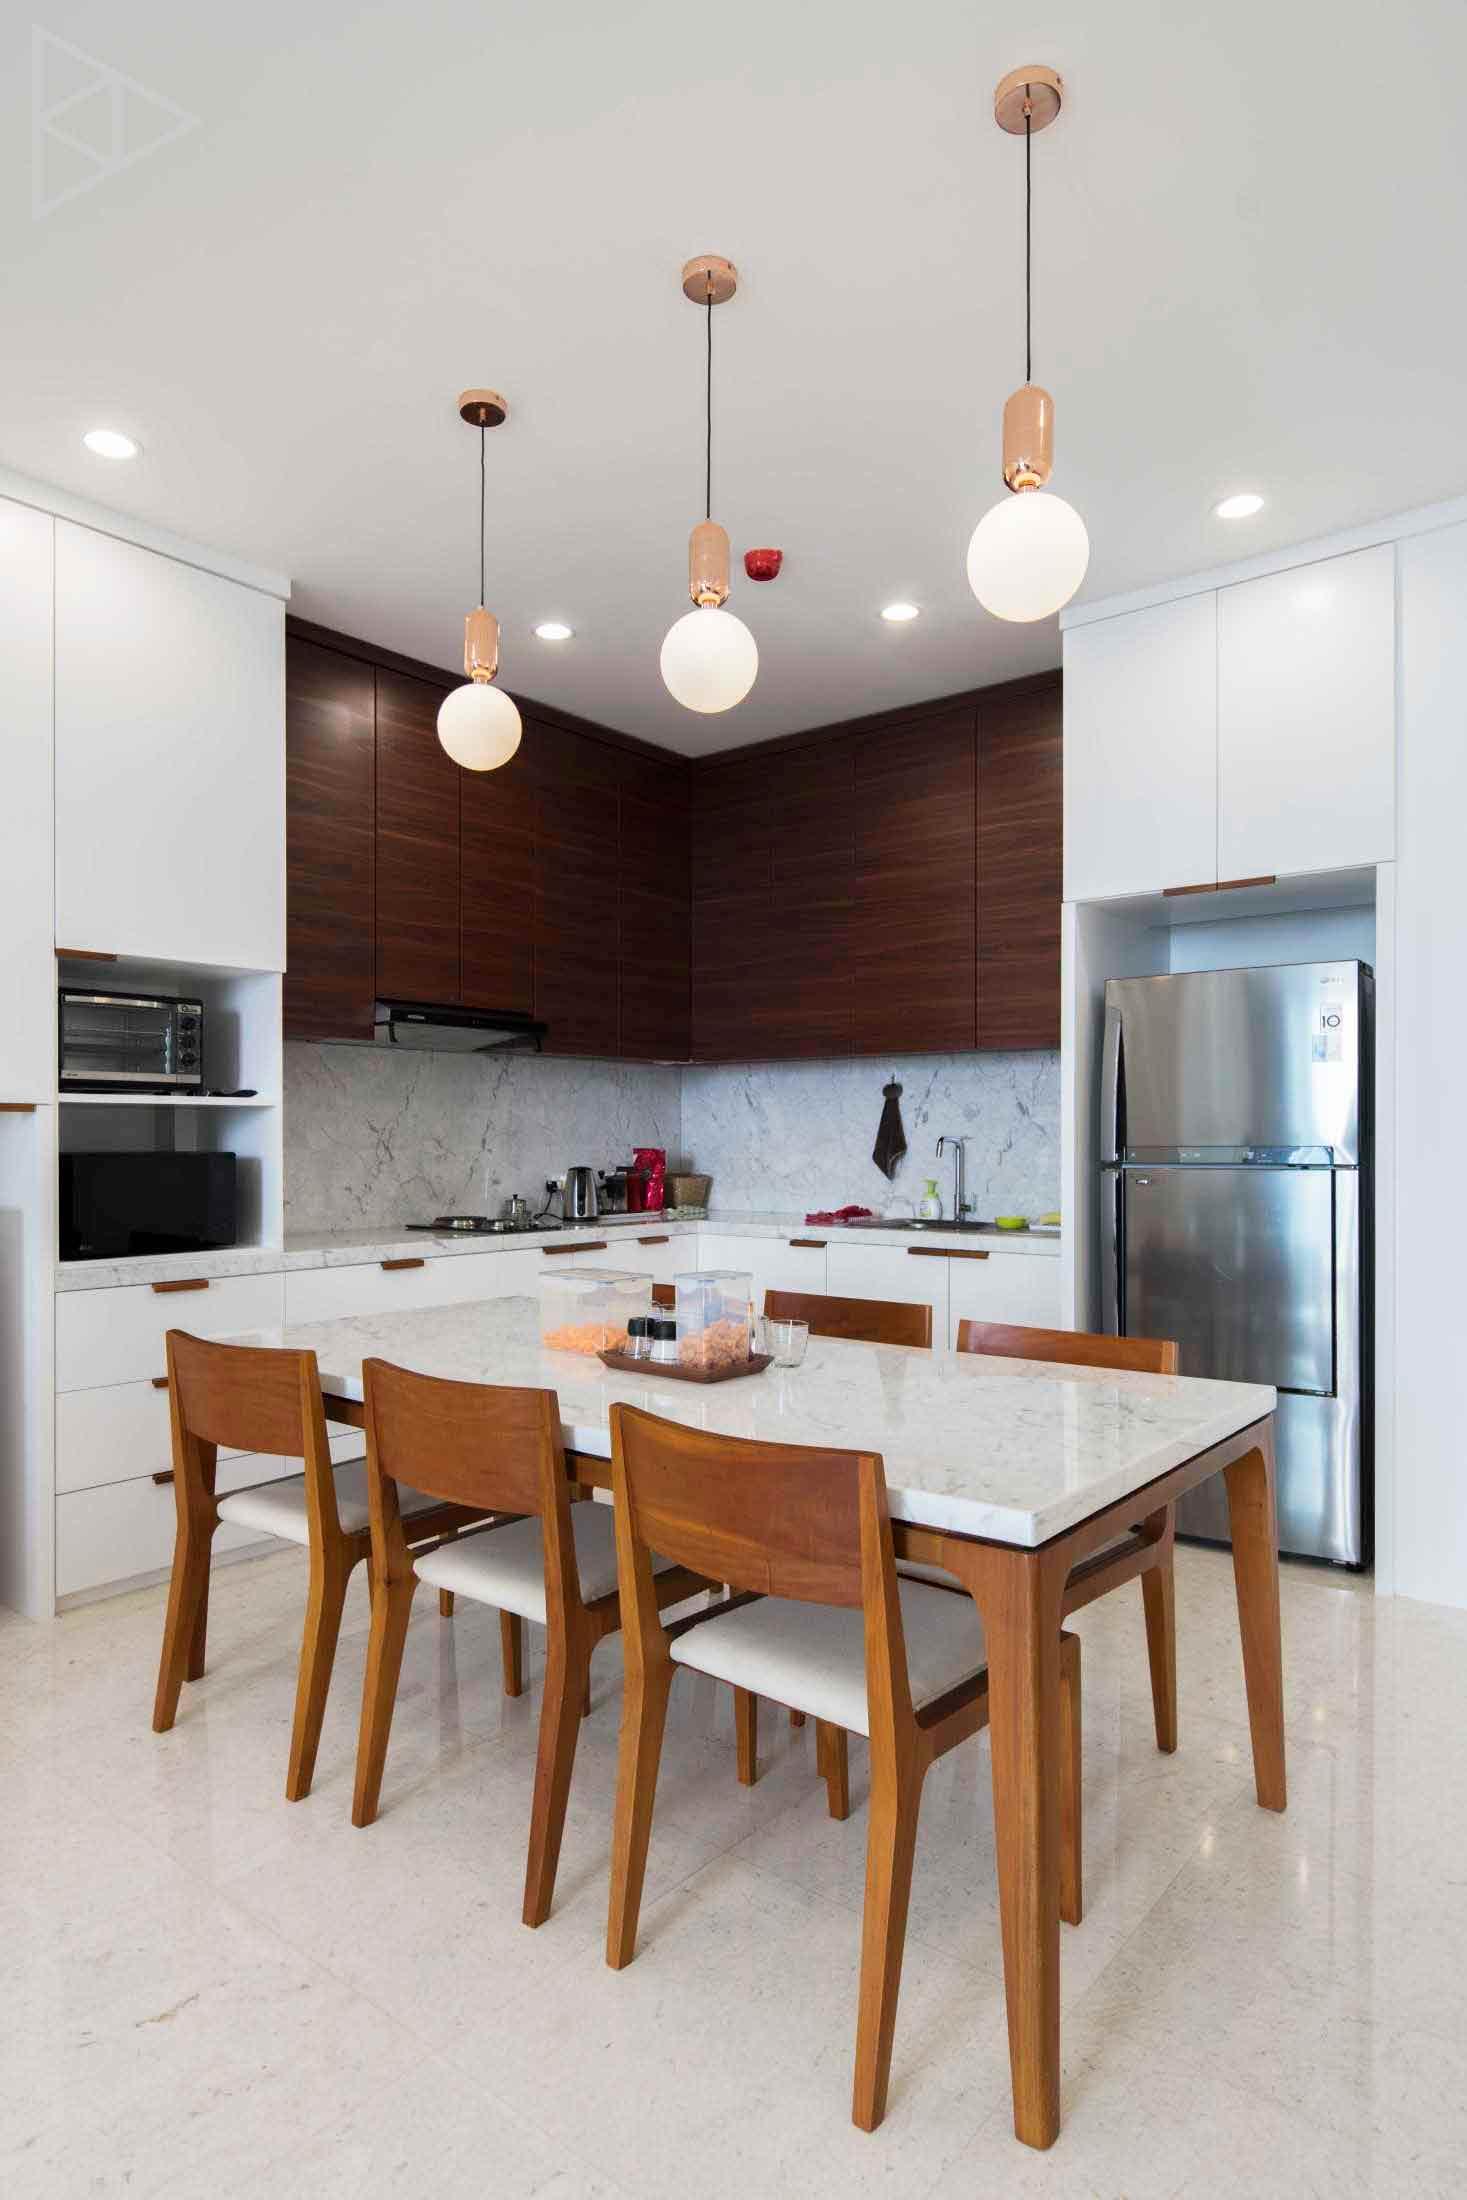 Penggunaan material kayu yang secara cerdik mampu melawan kesan steril dari dominasi warna putih pada ruangan, karya TIES Design & Build, via arsitag.com